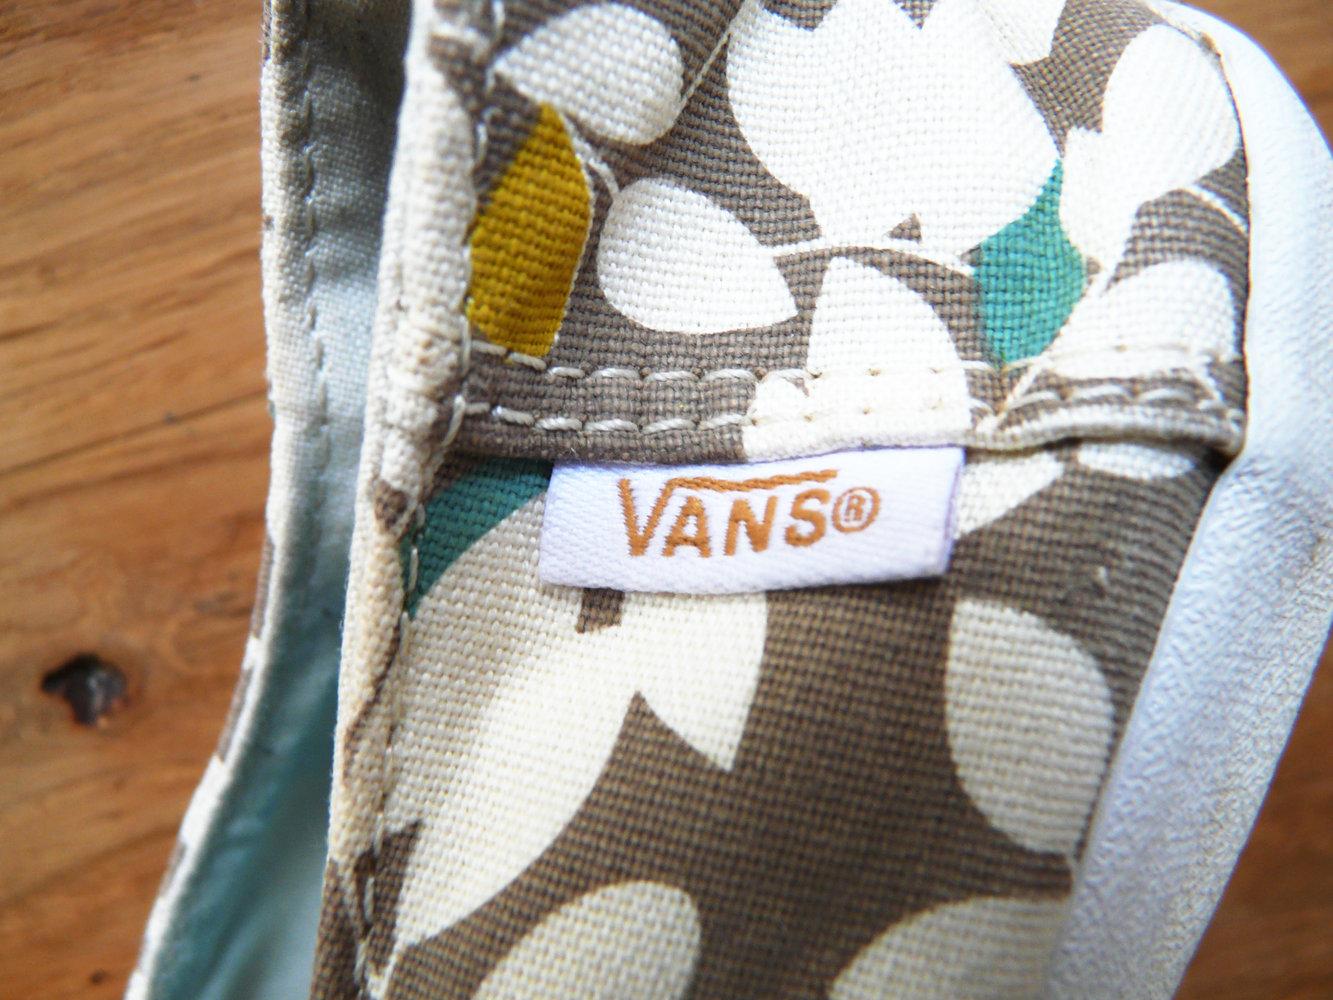 VANS SURF mit Leaves Print